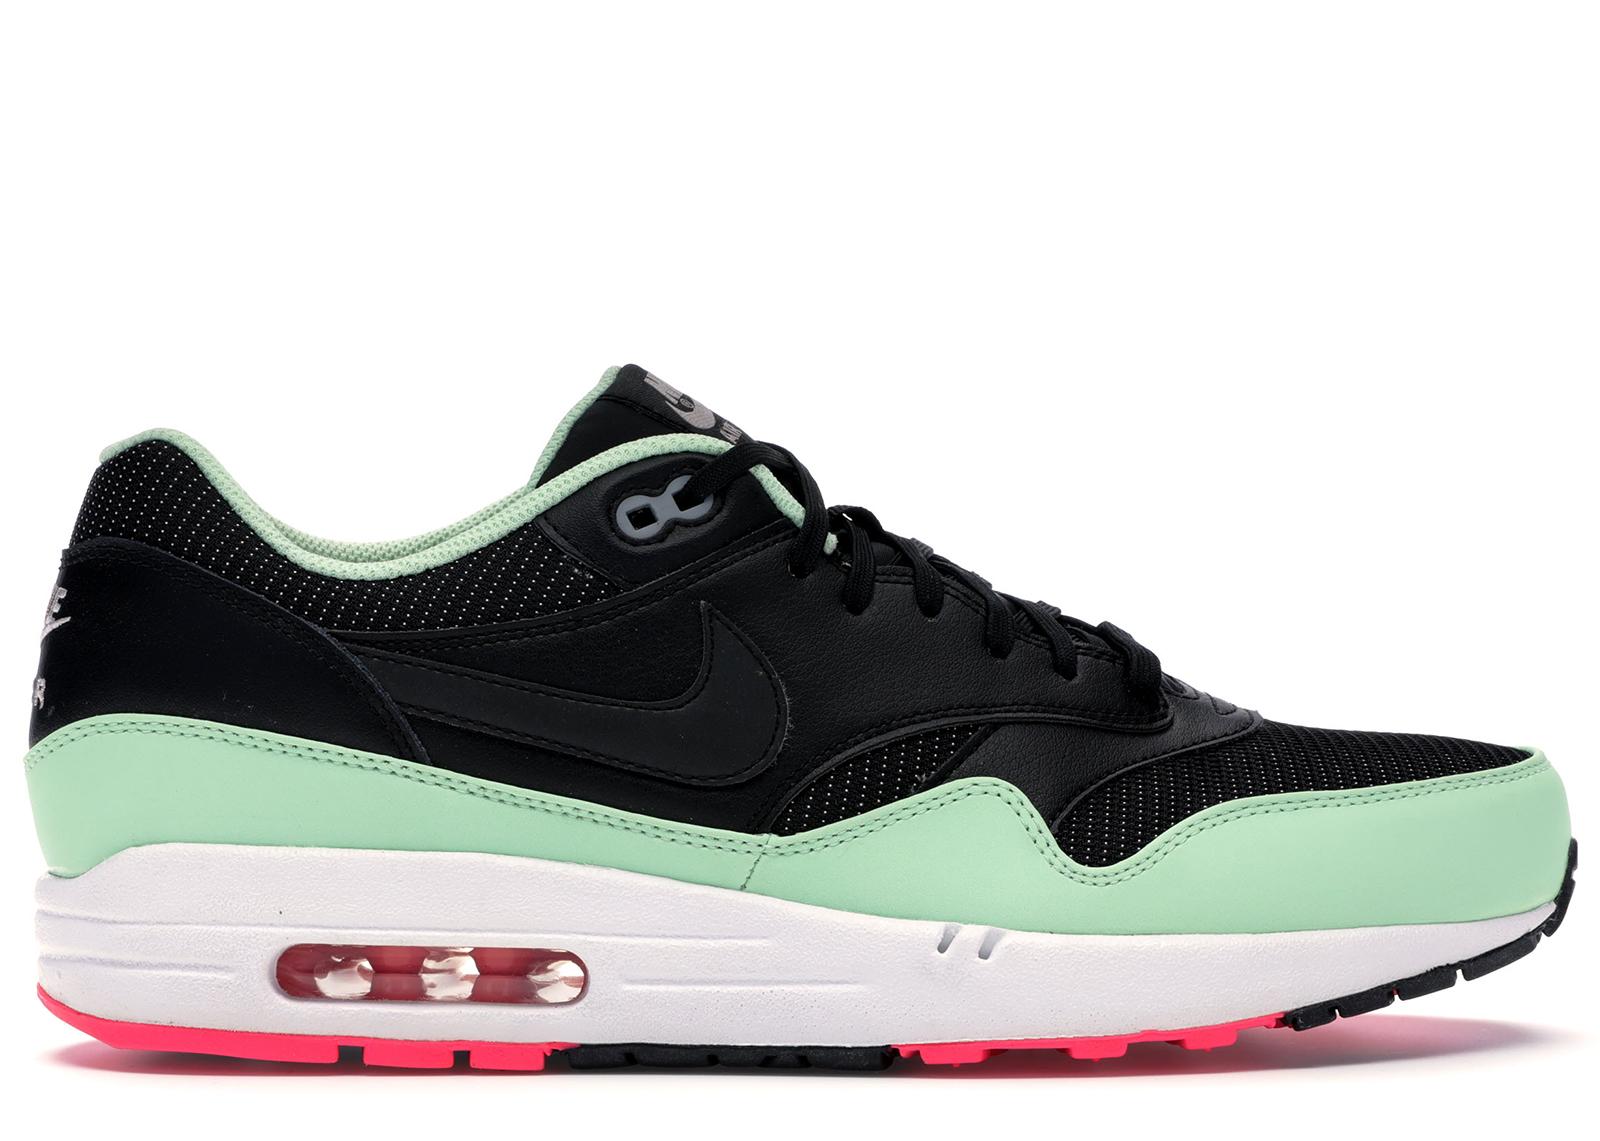 Nike Air Max 1 FB Yeezy - 579920-066